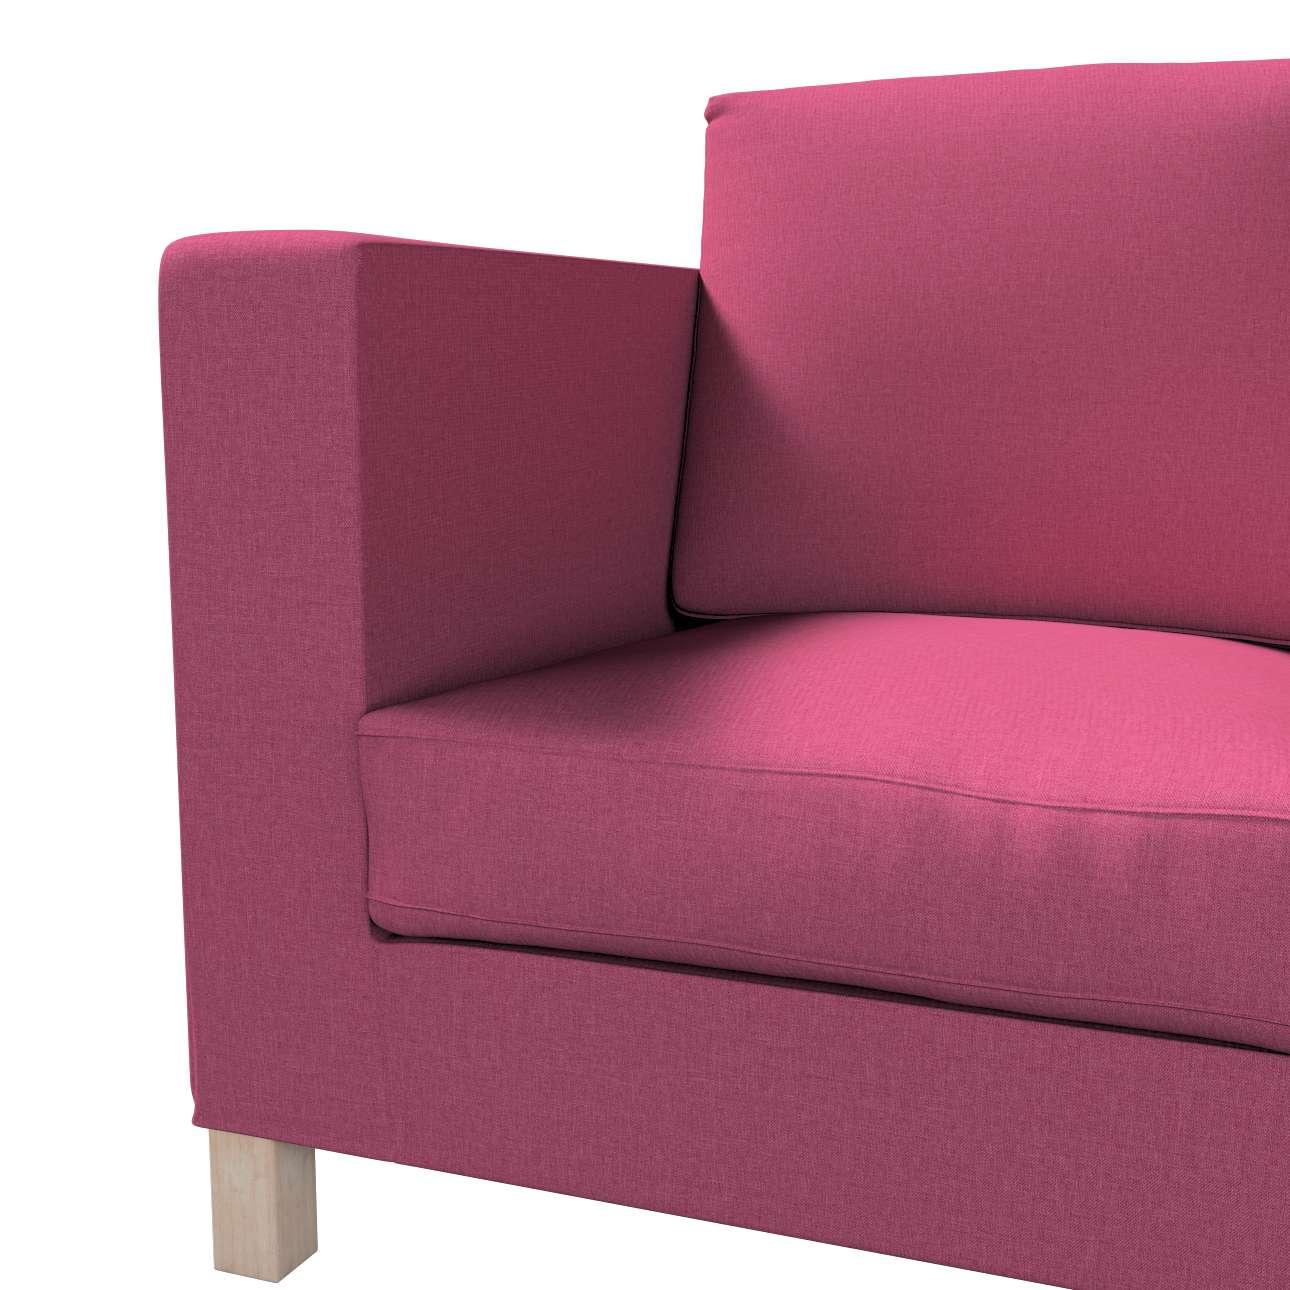 Karlanda klädsel <br>3-sits soffa - kort klädsel i kollektionen Living, Tyg: 160-44